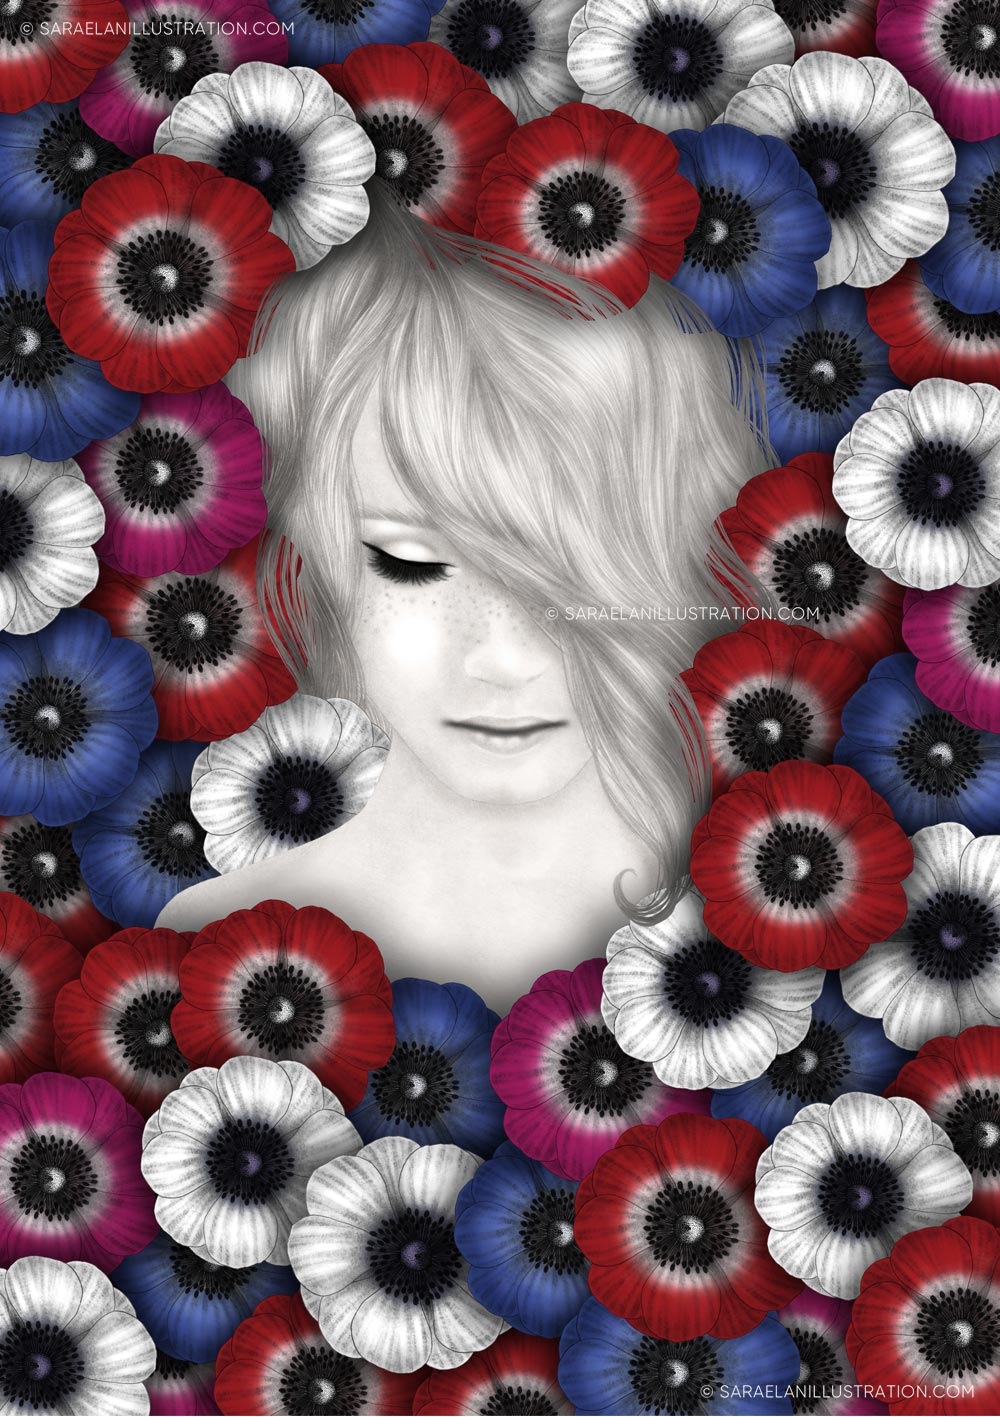 Illustrazioni-di-ragazze-con-fiori-ragazze-fiorite-anemoni